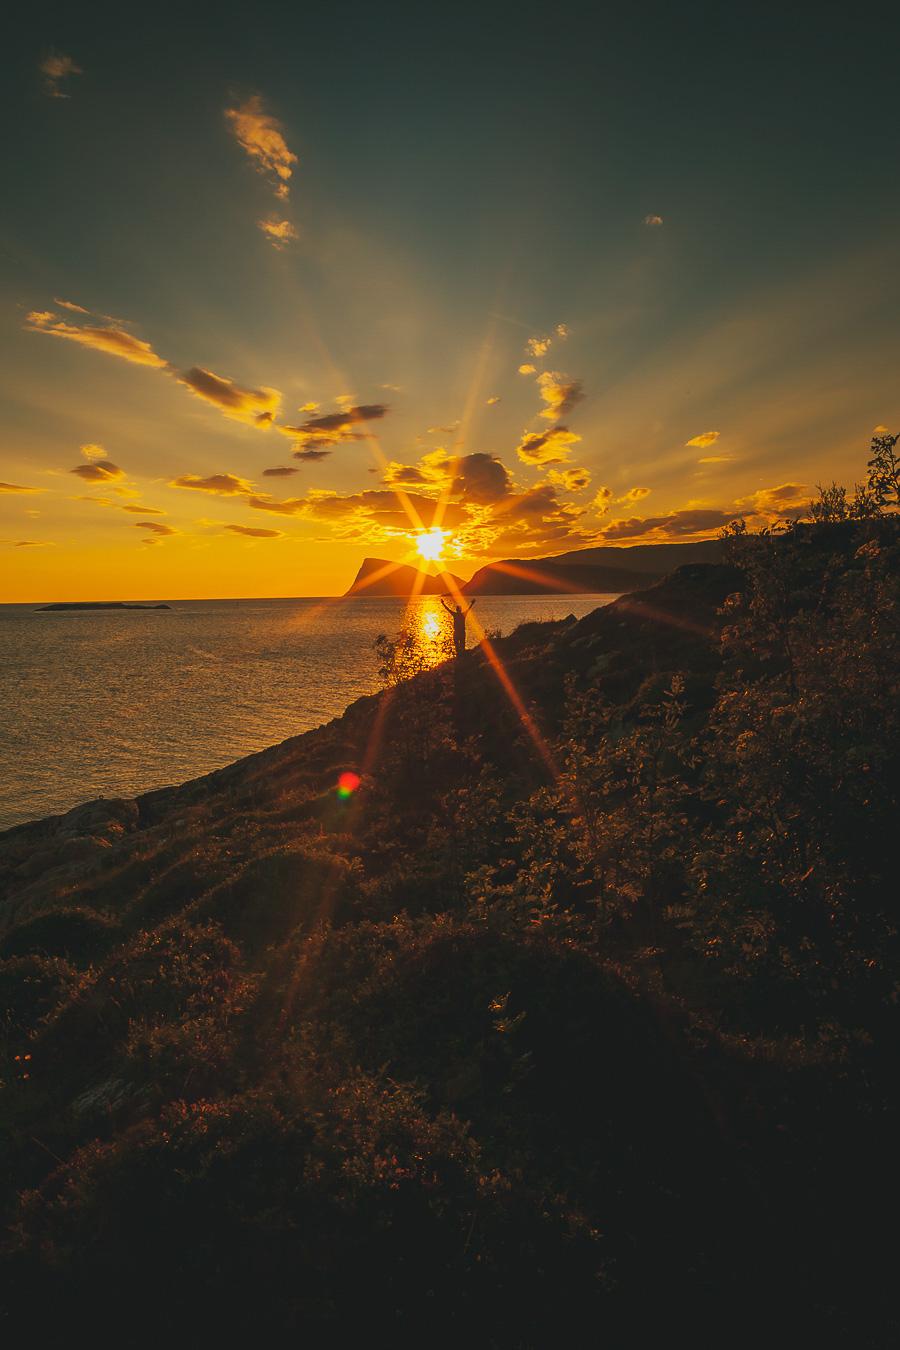 The midnight sun shining on Håja